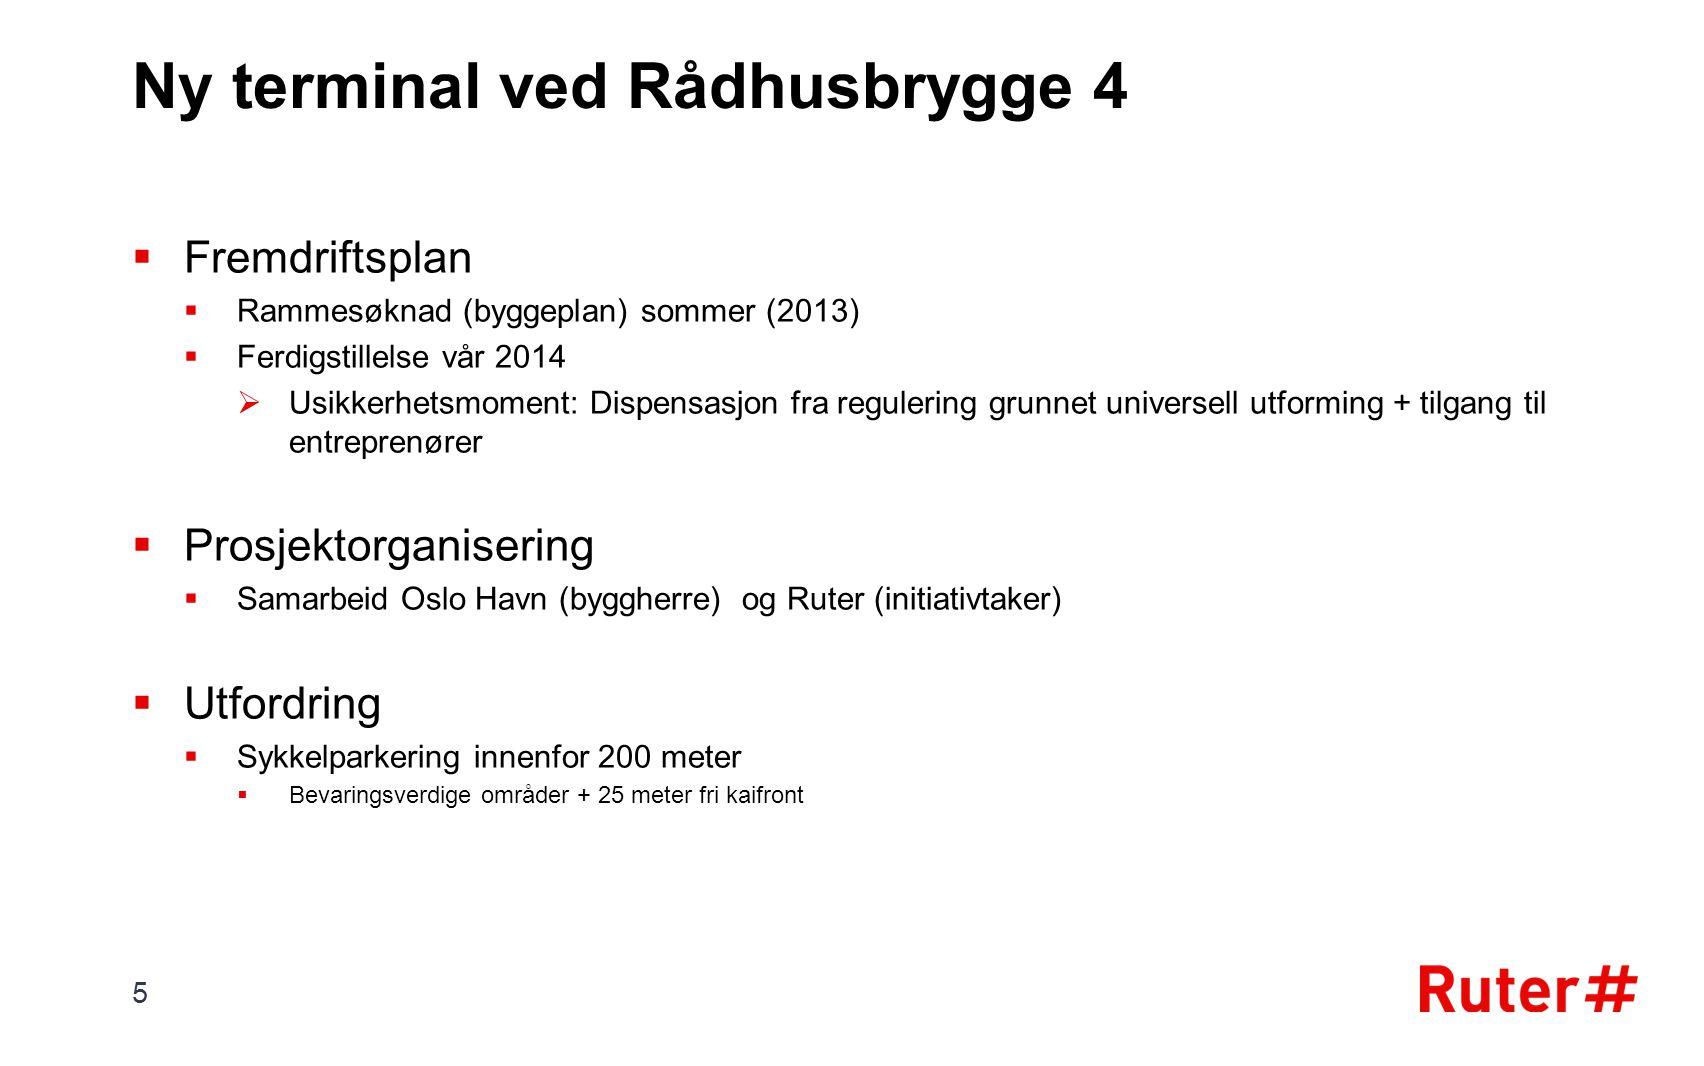  Fremdriftsplan  Rammesøknad (byggeplan) sommer (2013)  Ferdigstillelse vår 2014  Usikkerhetsmoment: Dispensasjon fra regulering grunnet universel